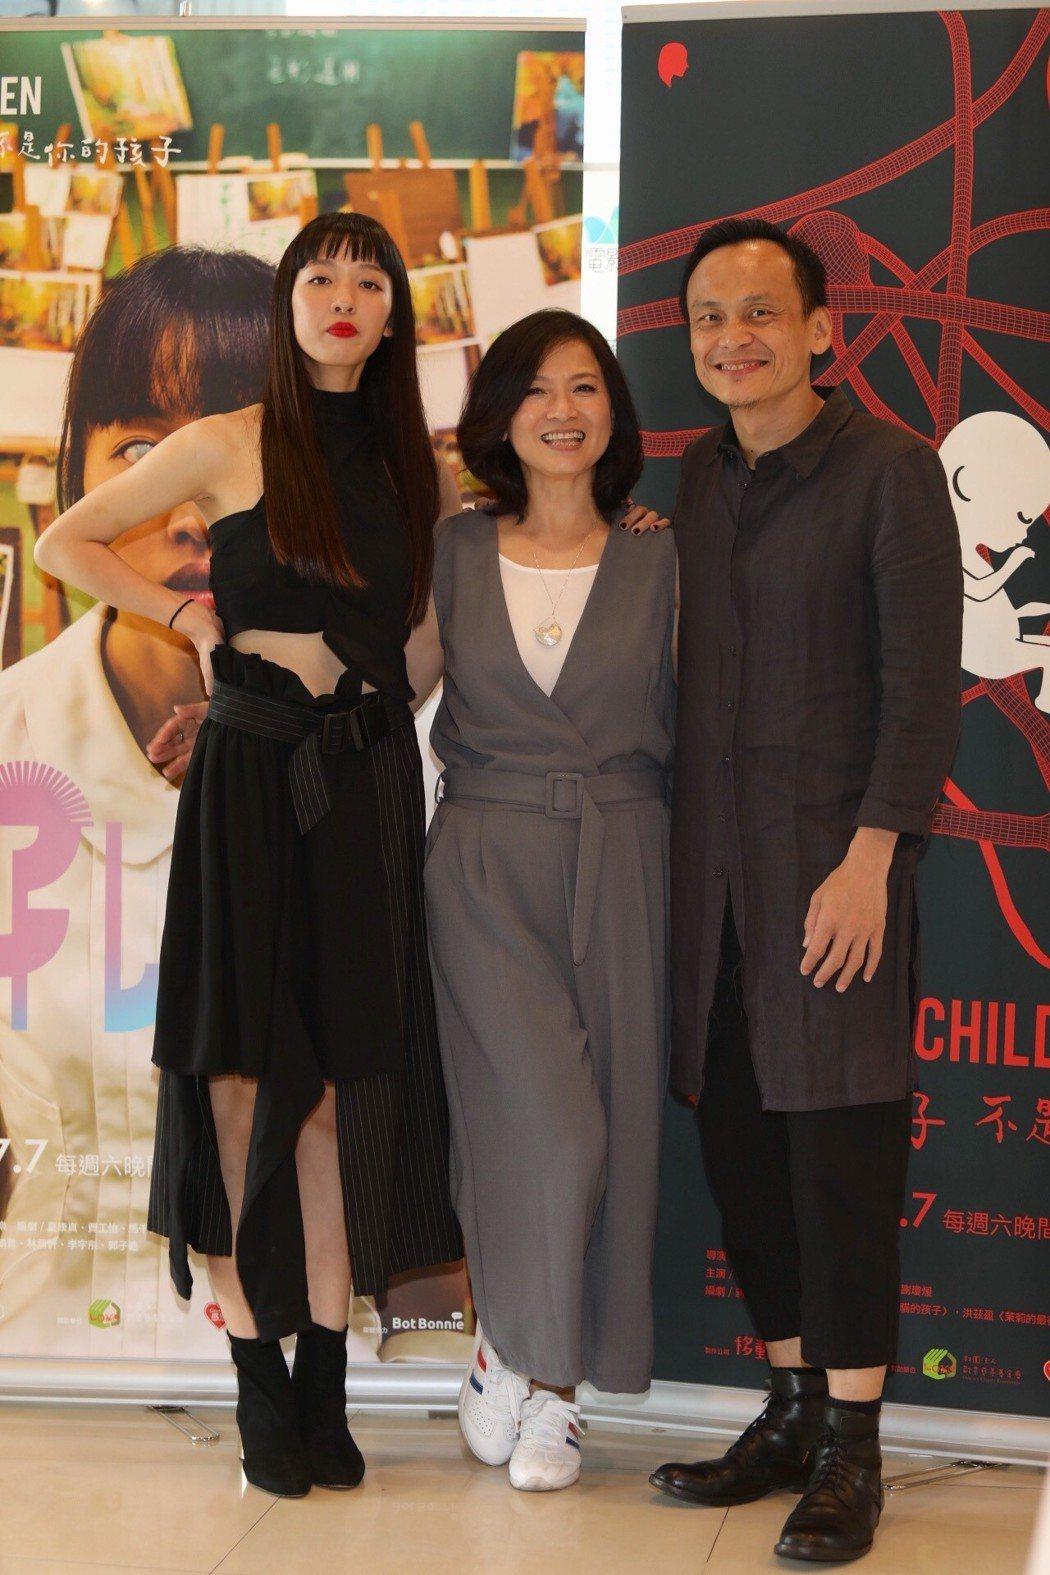 陳以文(右起)、謝瓊煖、王渝萱演出「你的孩子不是你的孩子-孔雀」。圖/公視提供